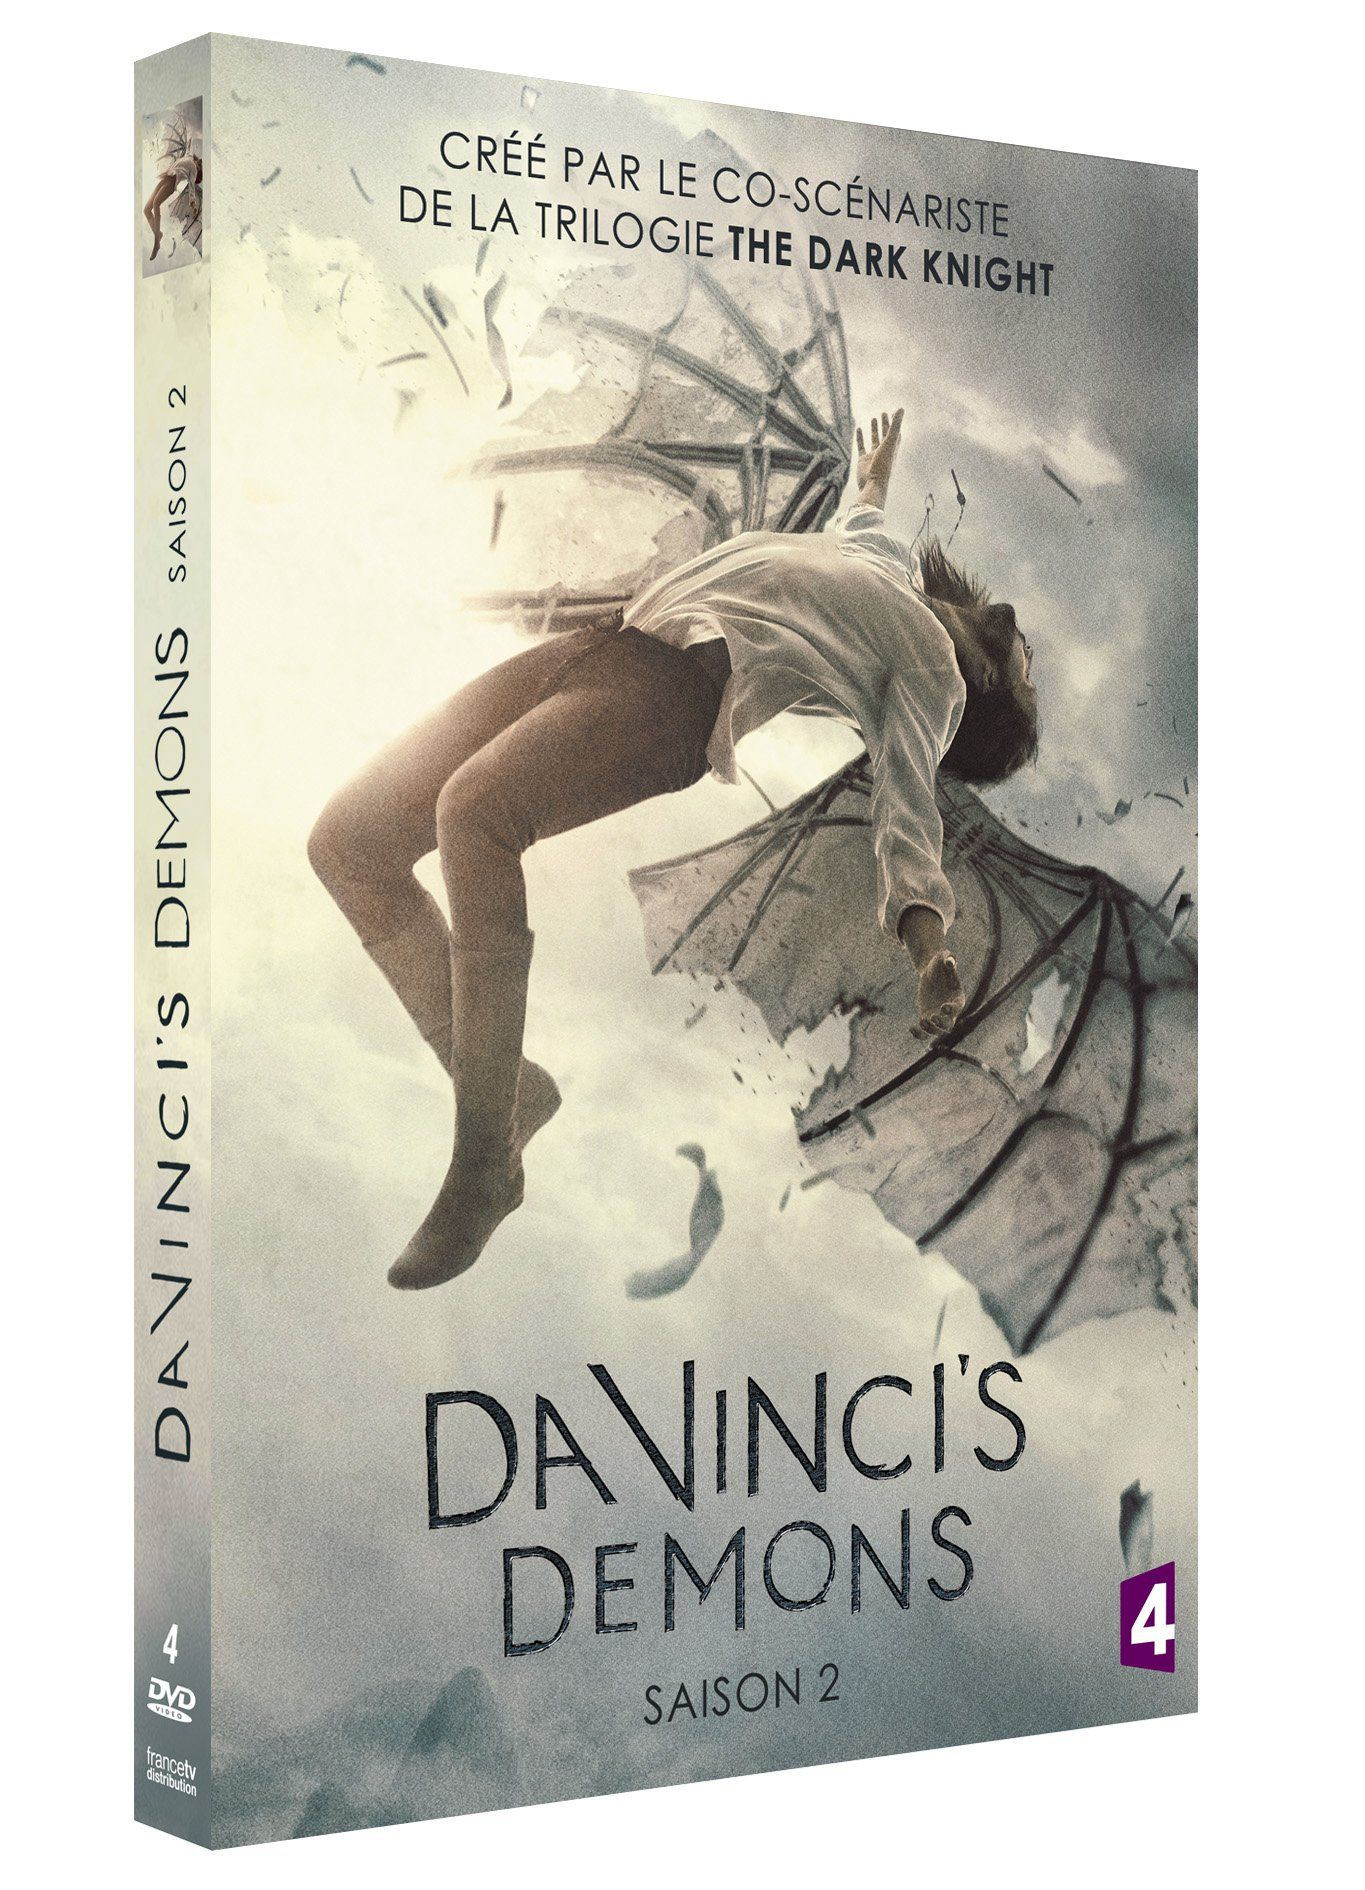 da vincis demons saison 2